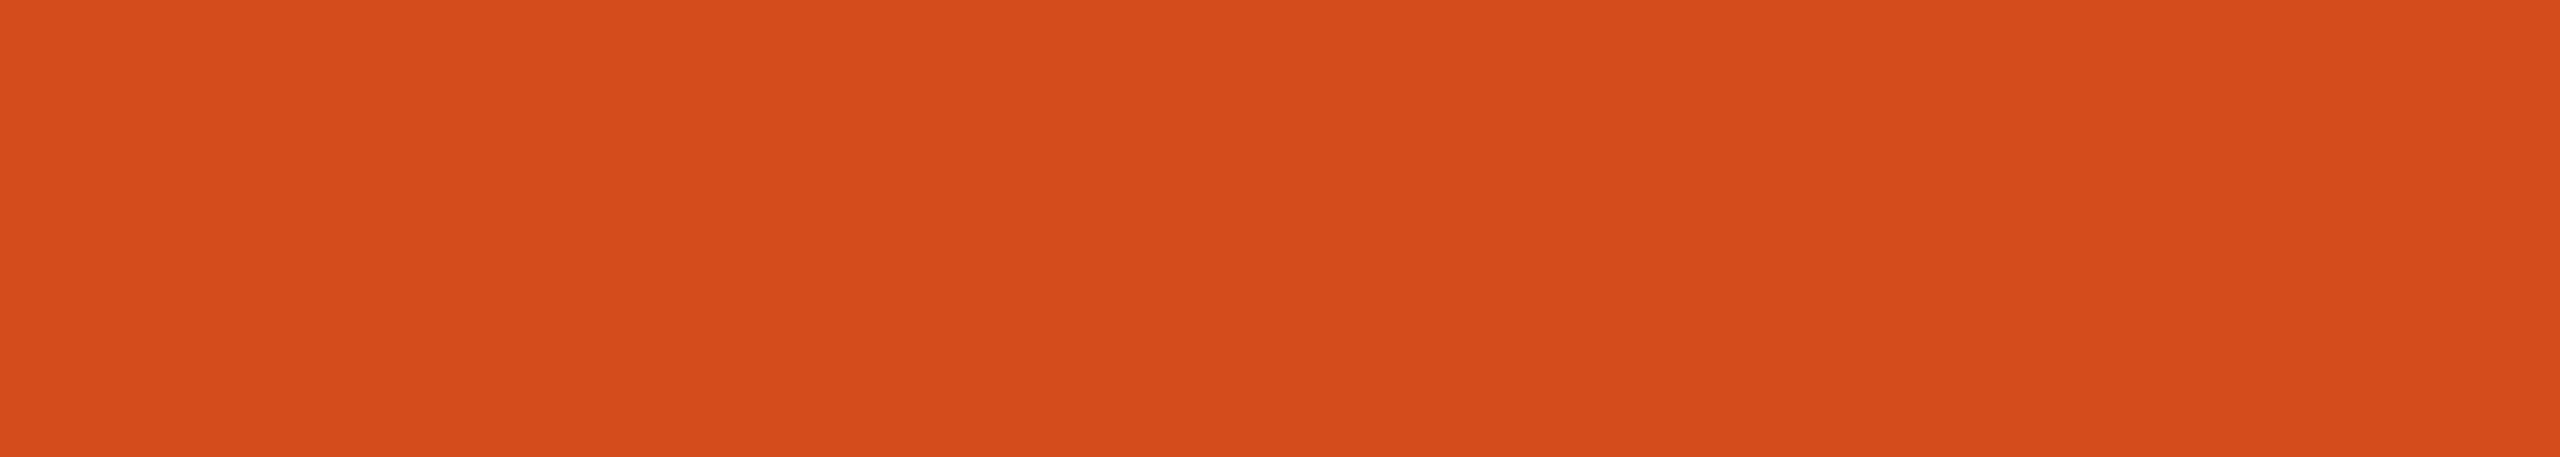 orange bg